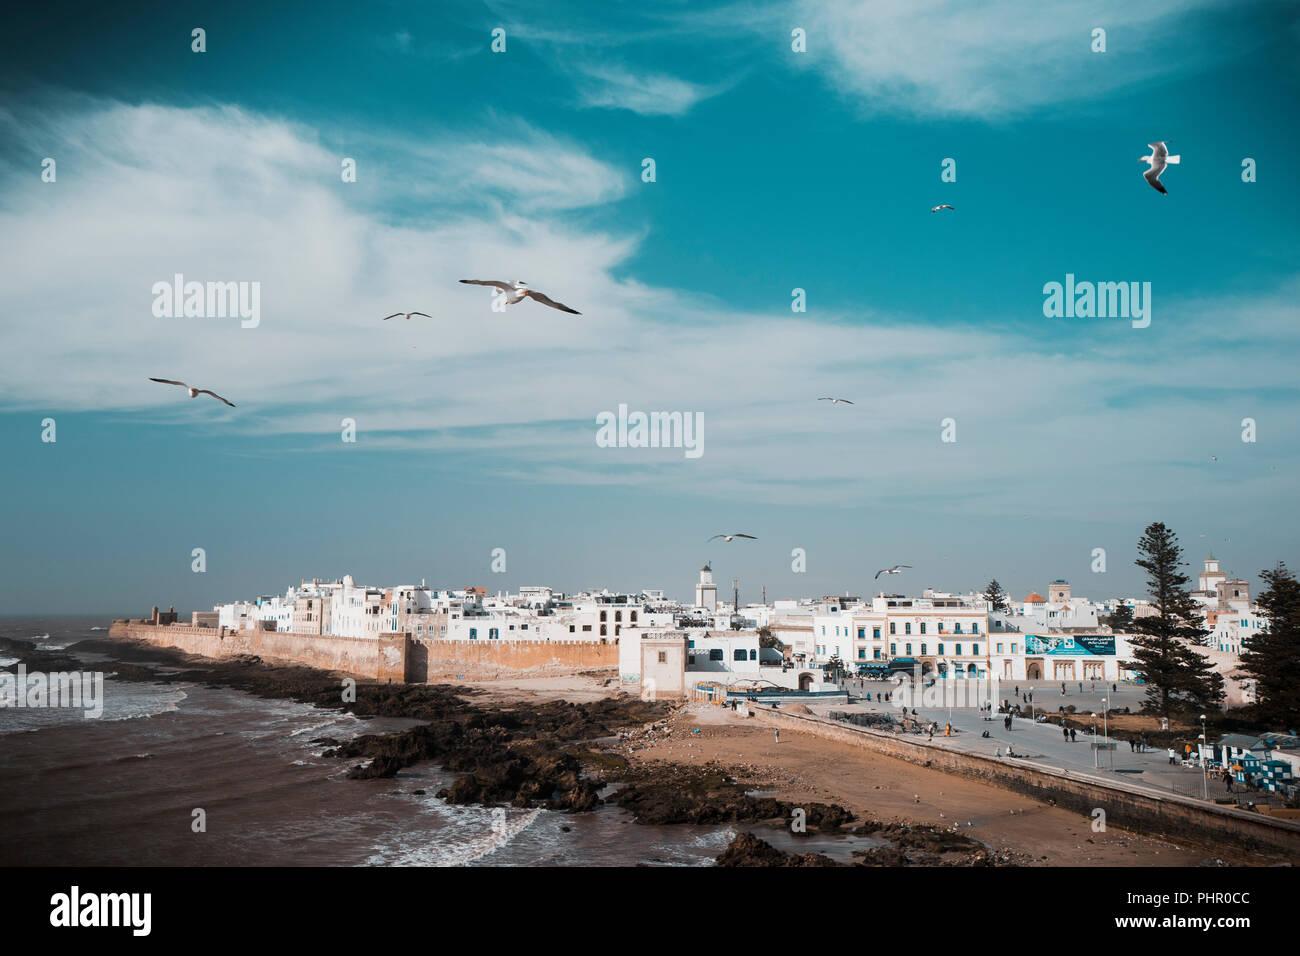 Panorama der Hafenstadt Essaouira an der Atlantikküste in Marokko Stockbild